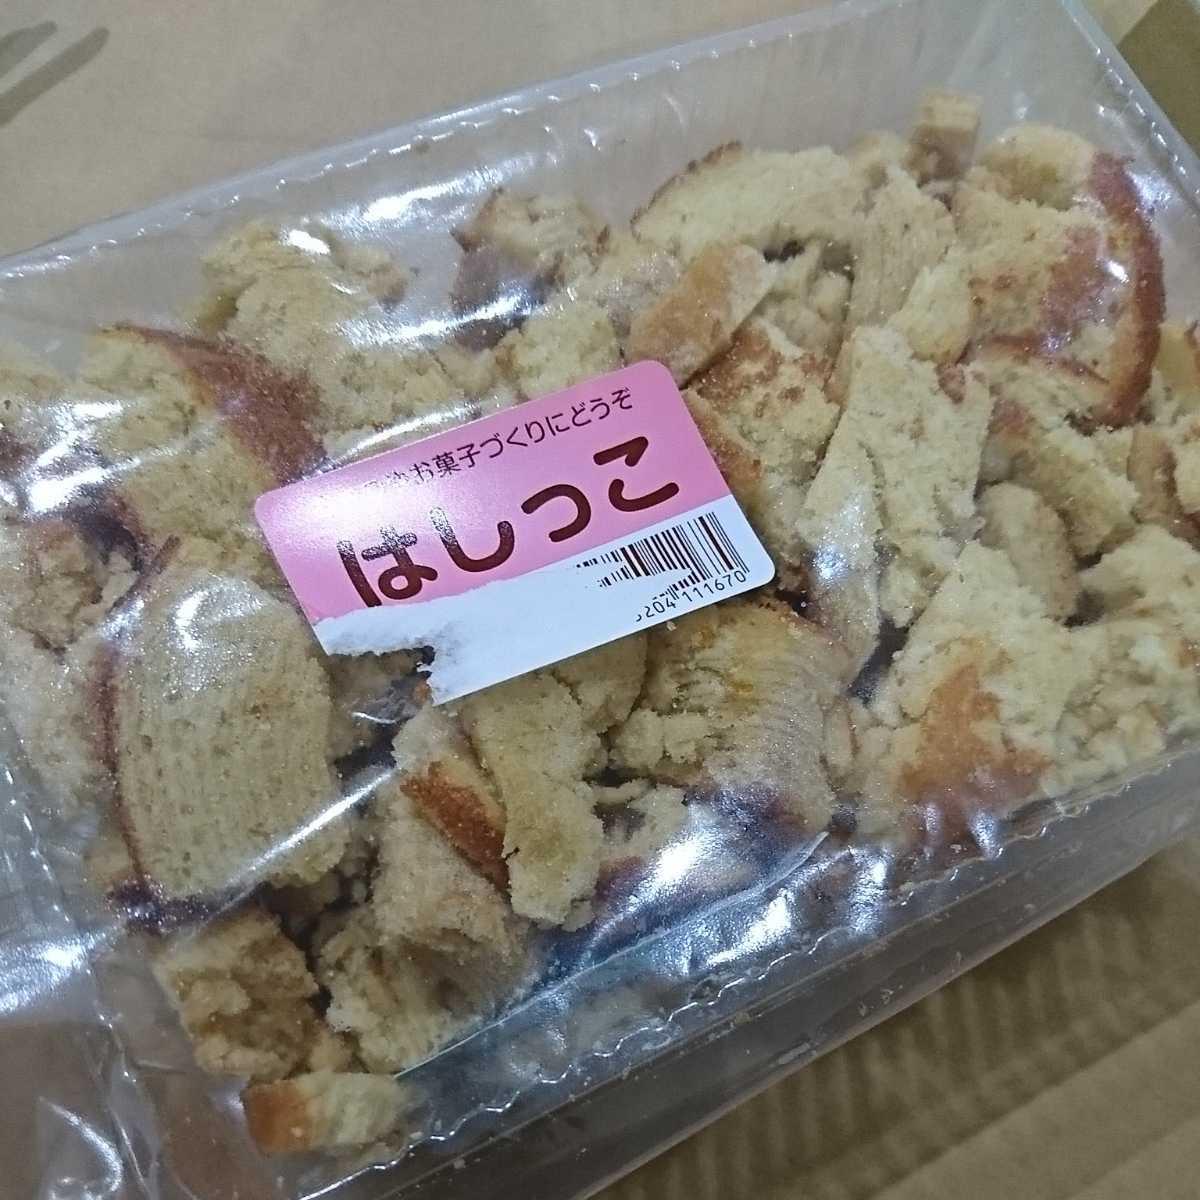 訳あり バナナバウム はしっこバウム バウムクーヘン アウトレットお菓子 焼菓子 洋菓子